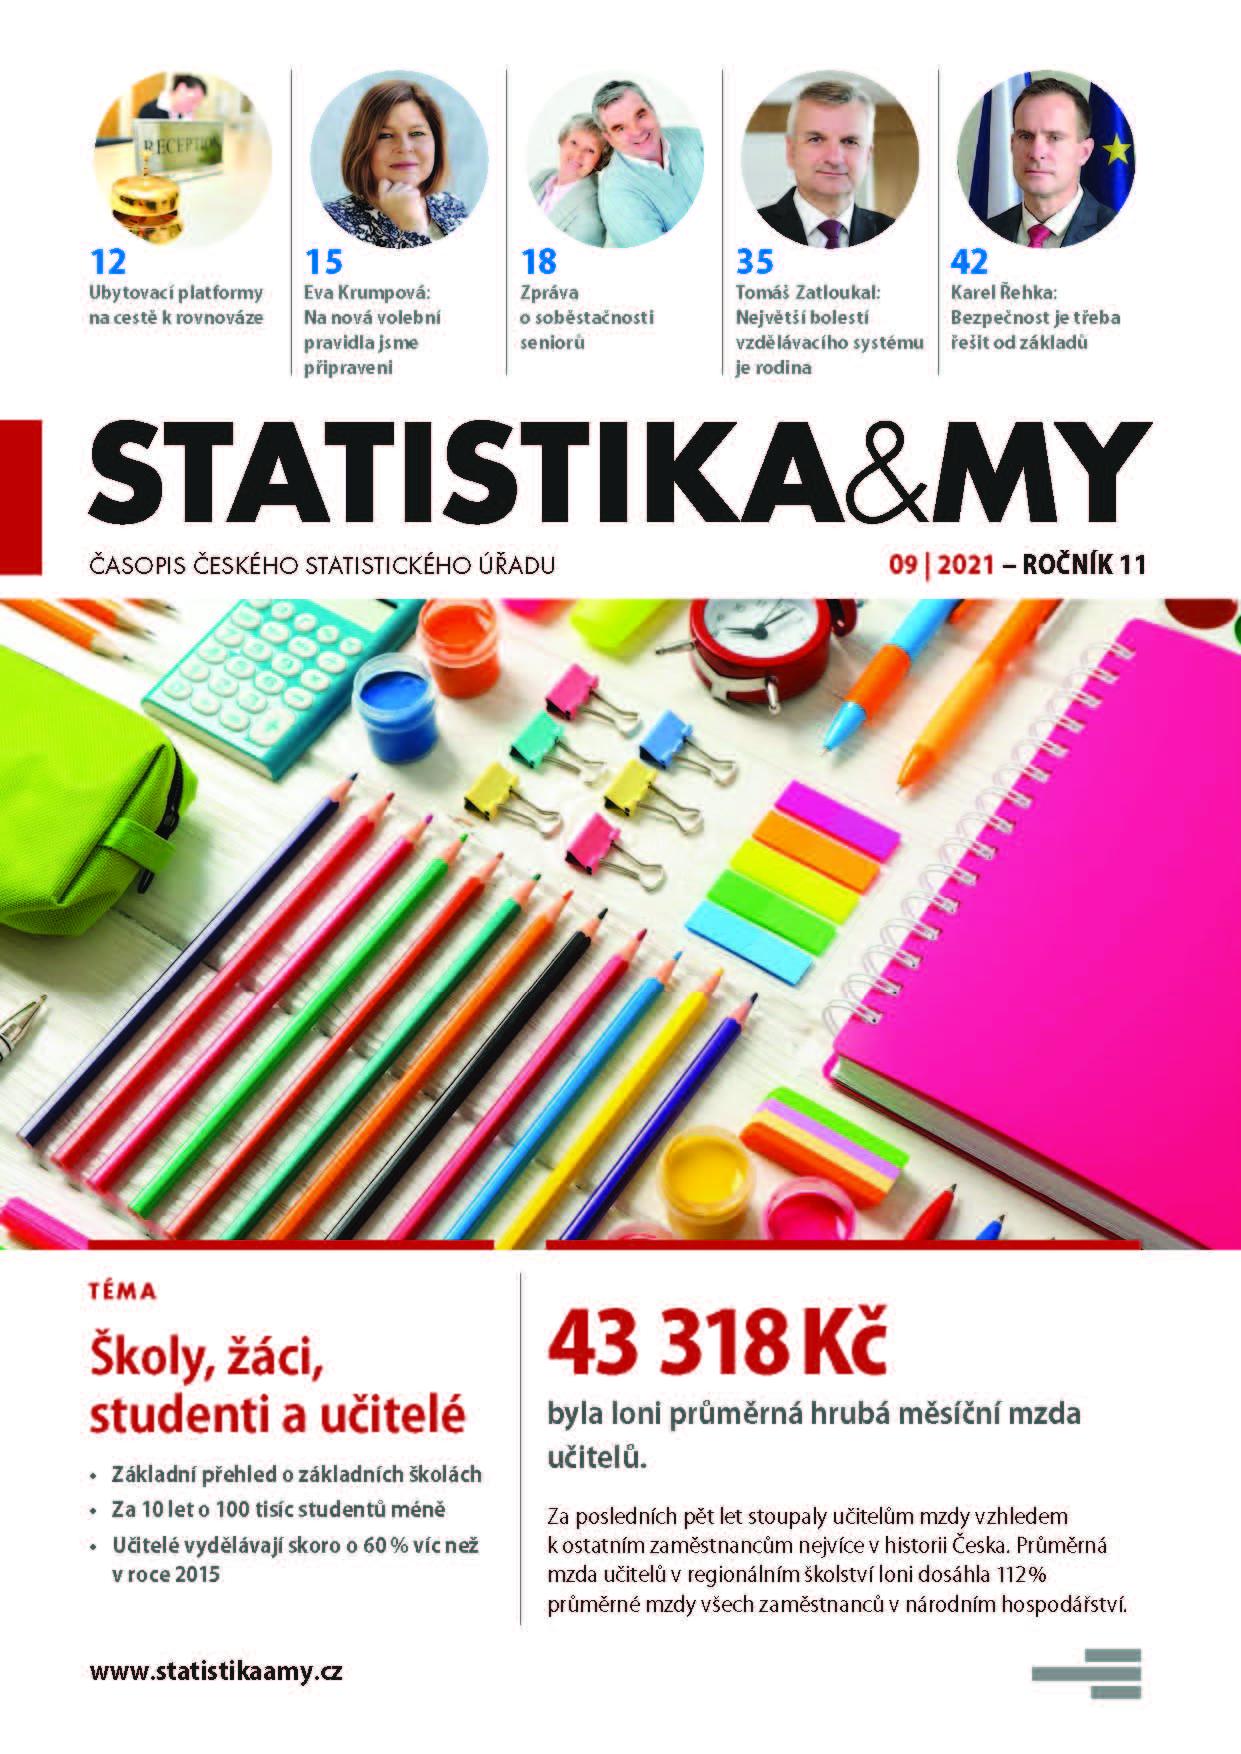 titulní strana časopisu Statistika&My 09/2021